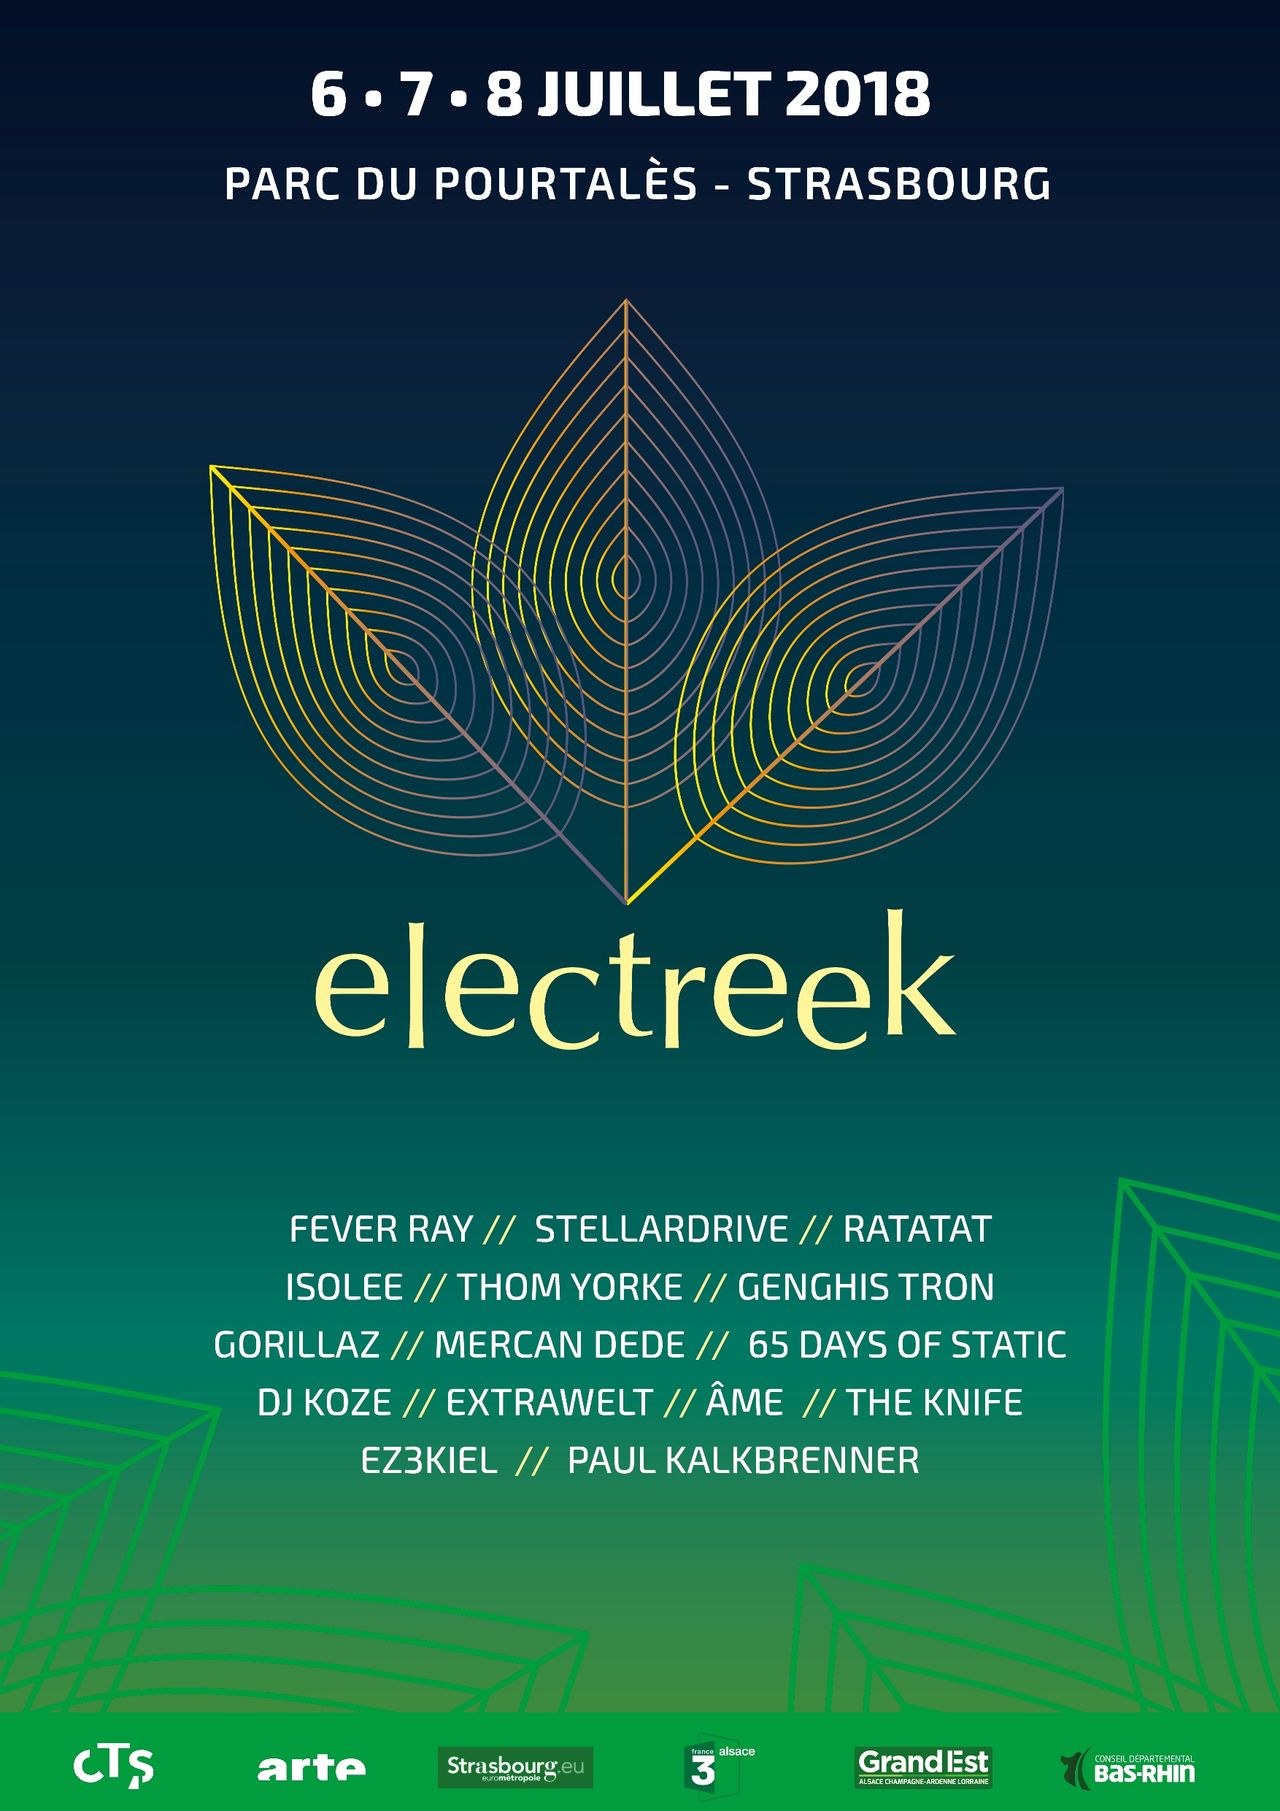 Affiche - Festival de musique electro